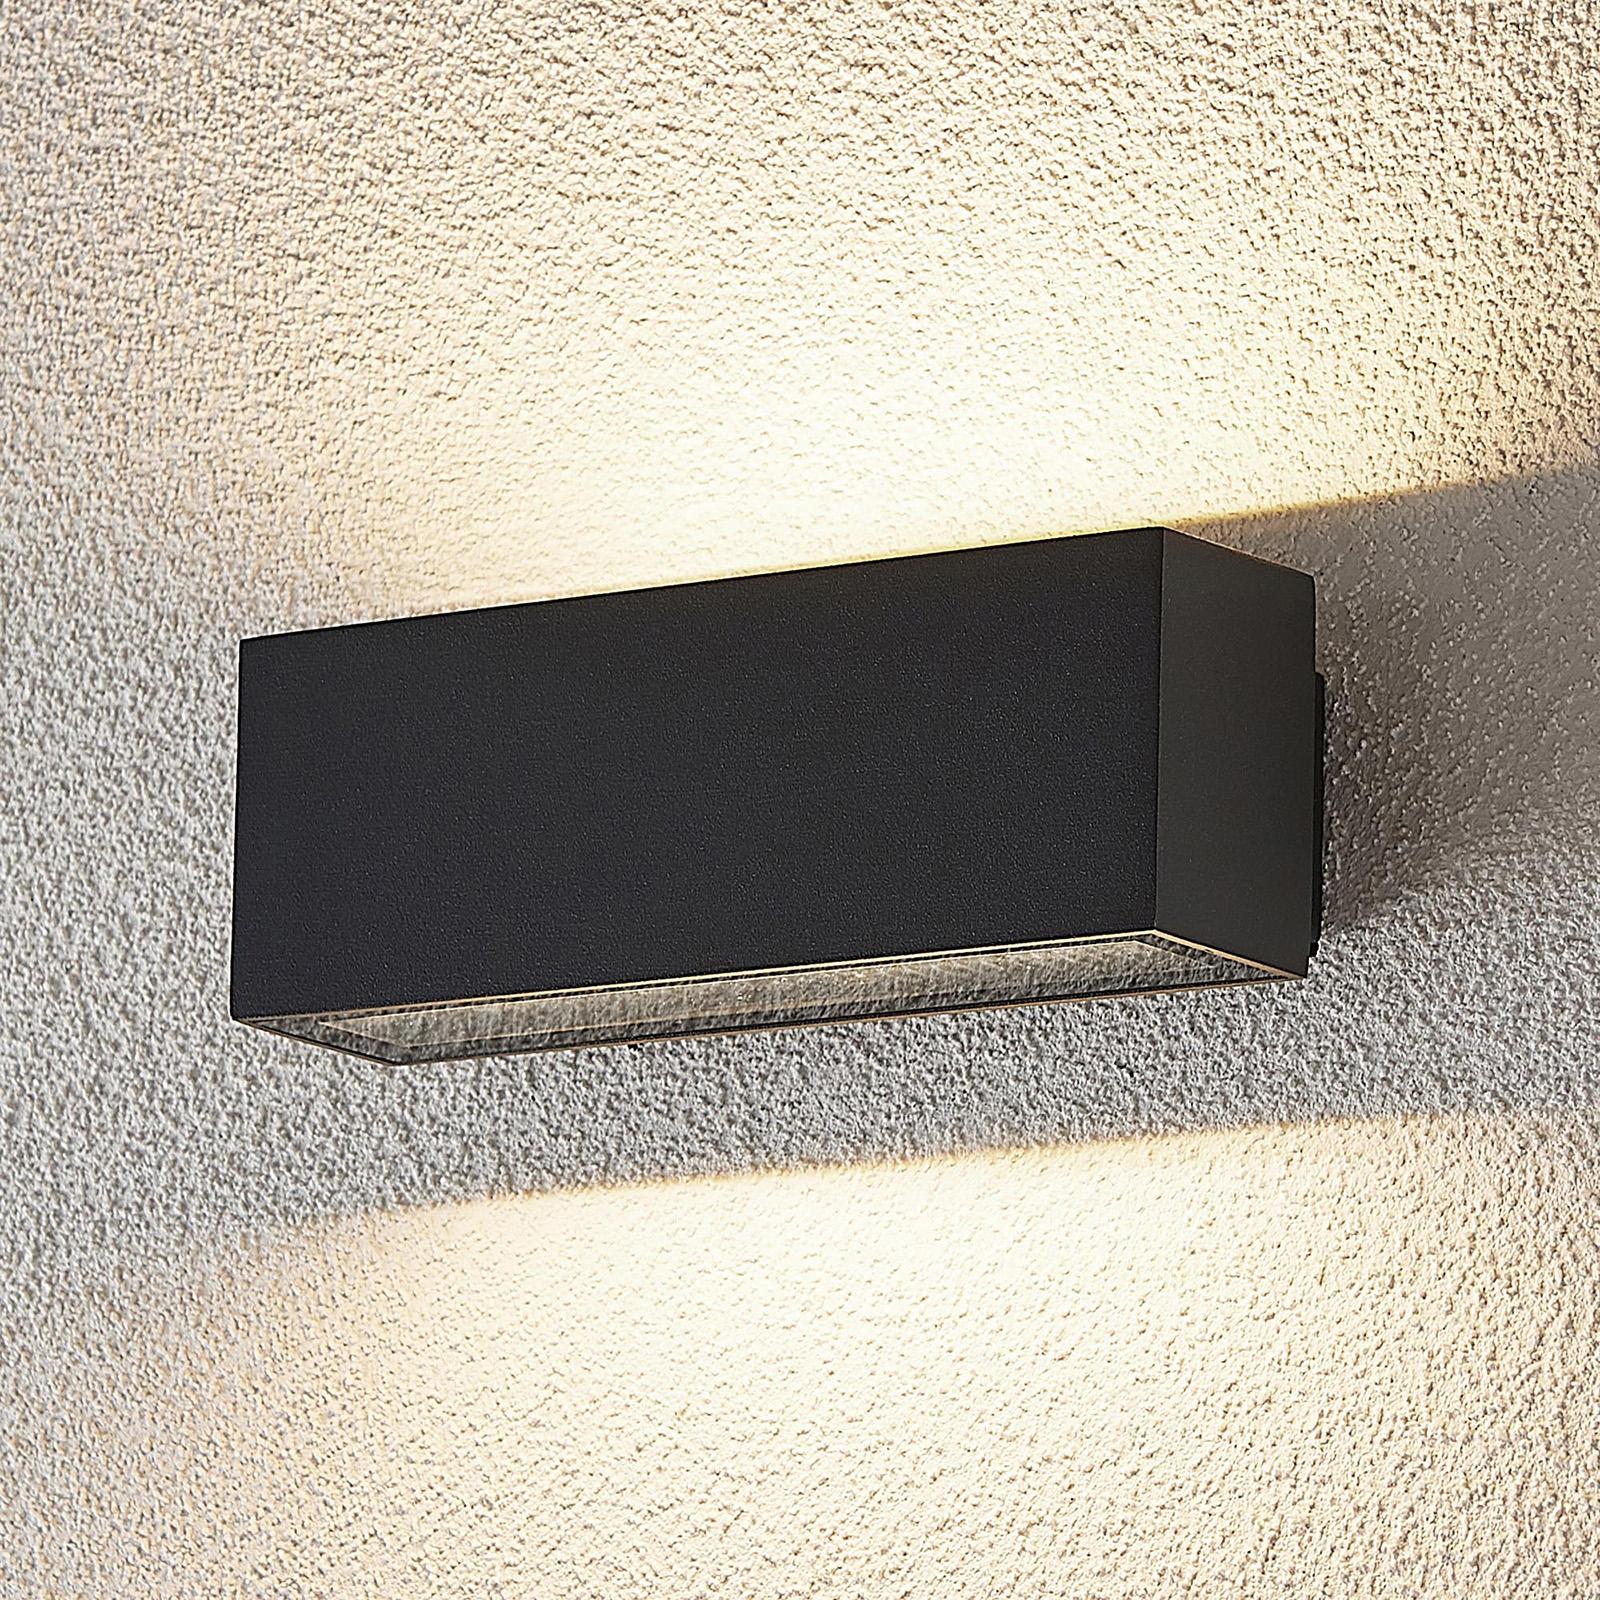 LED-ulkoseinävalaisin Oliver, tummanharmaa, 18 cm